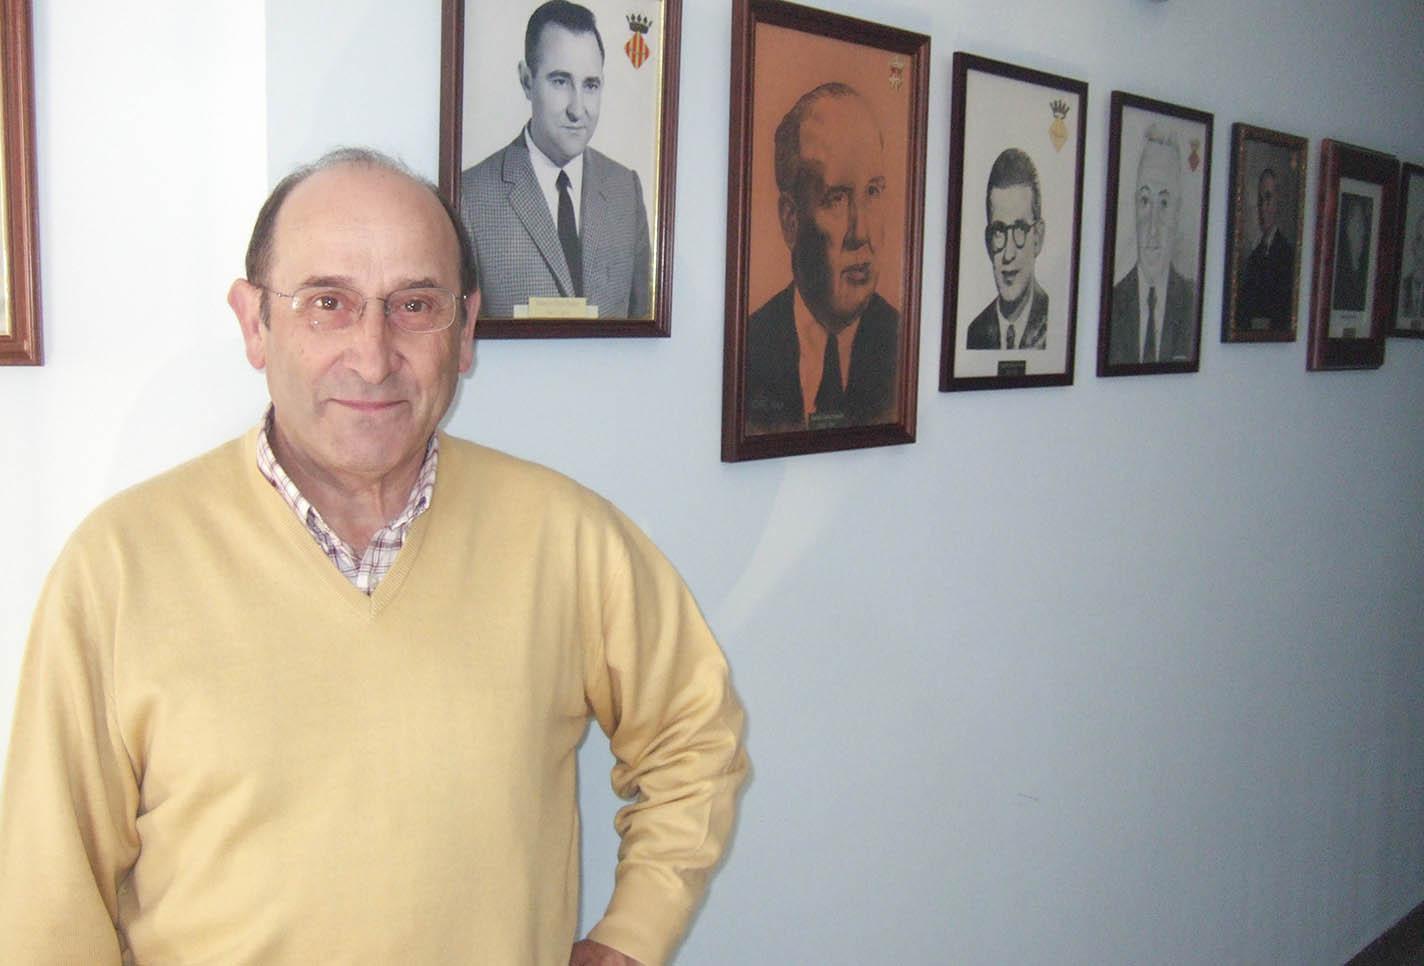 Mor el primer alcalde de la democràcia d'Agullent El Periòdic d'Ontinyent - Noticies a Ontinyent